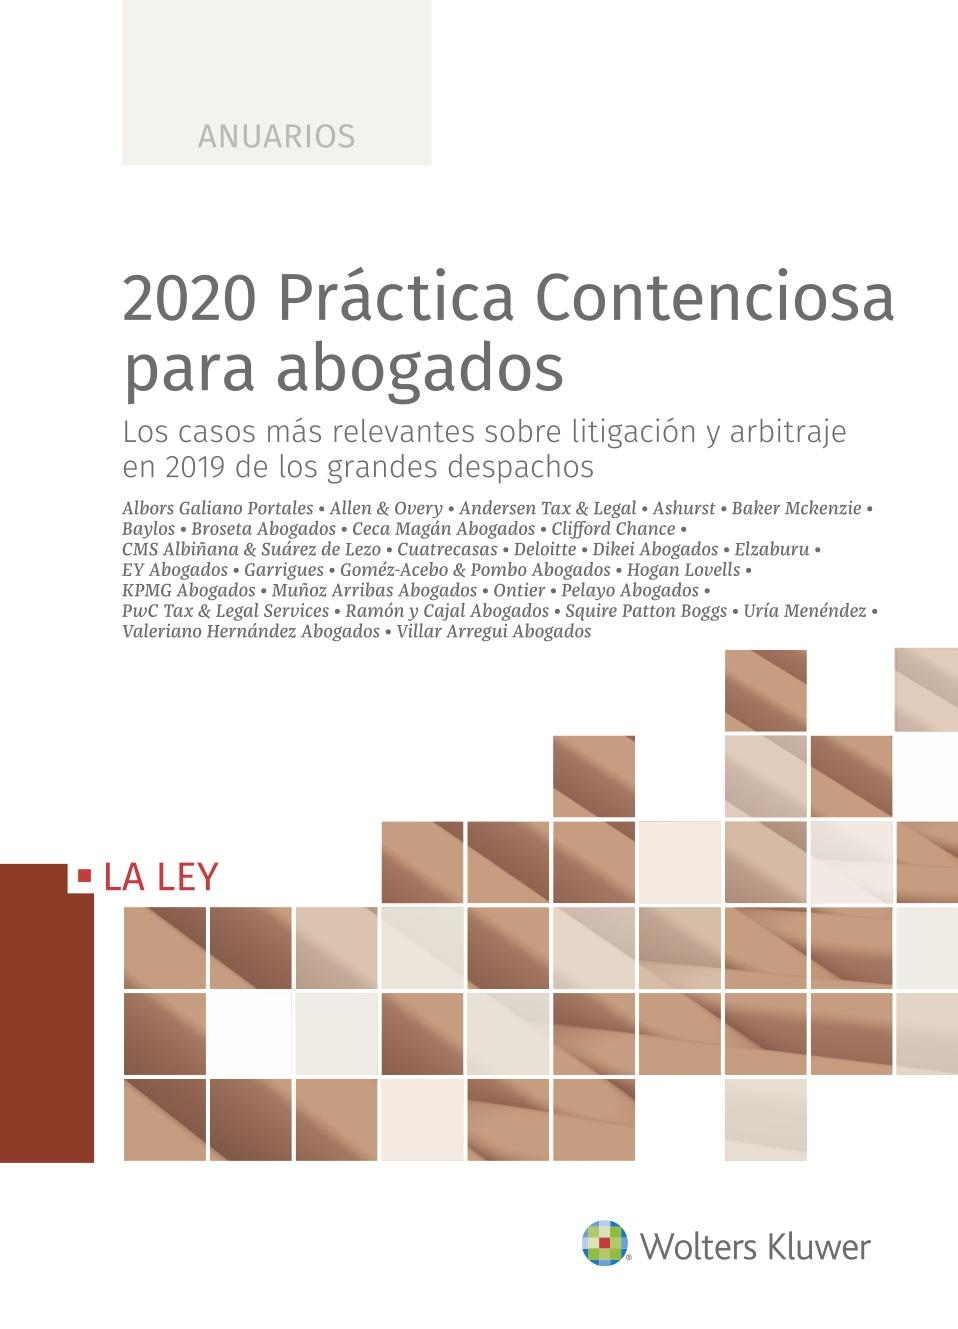 2020 Práctica Contenciosa para abogados